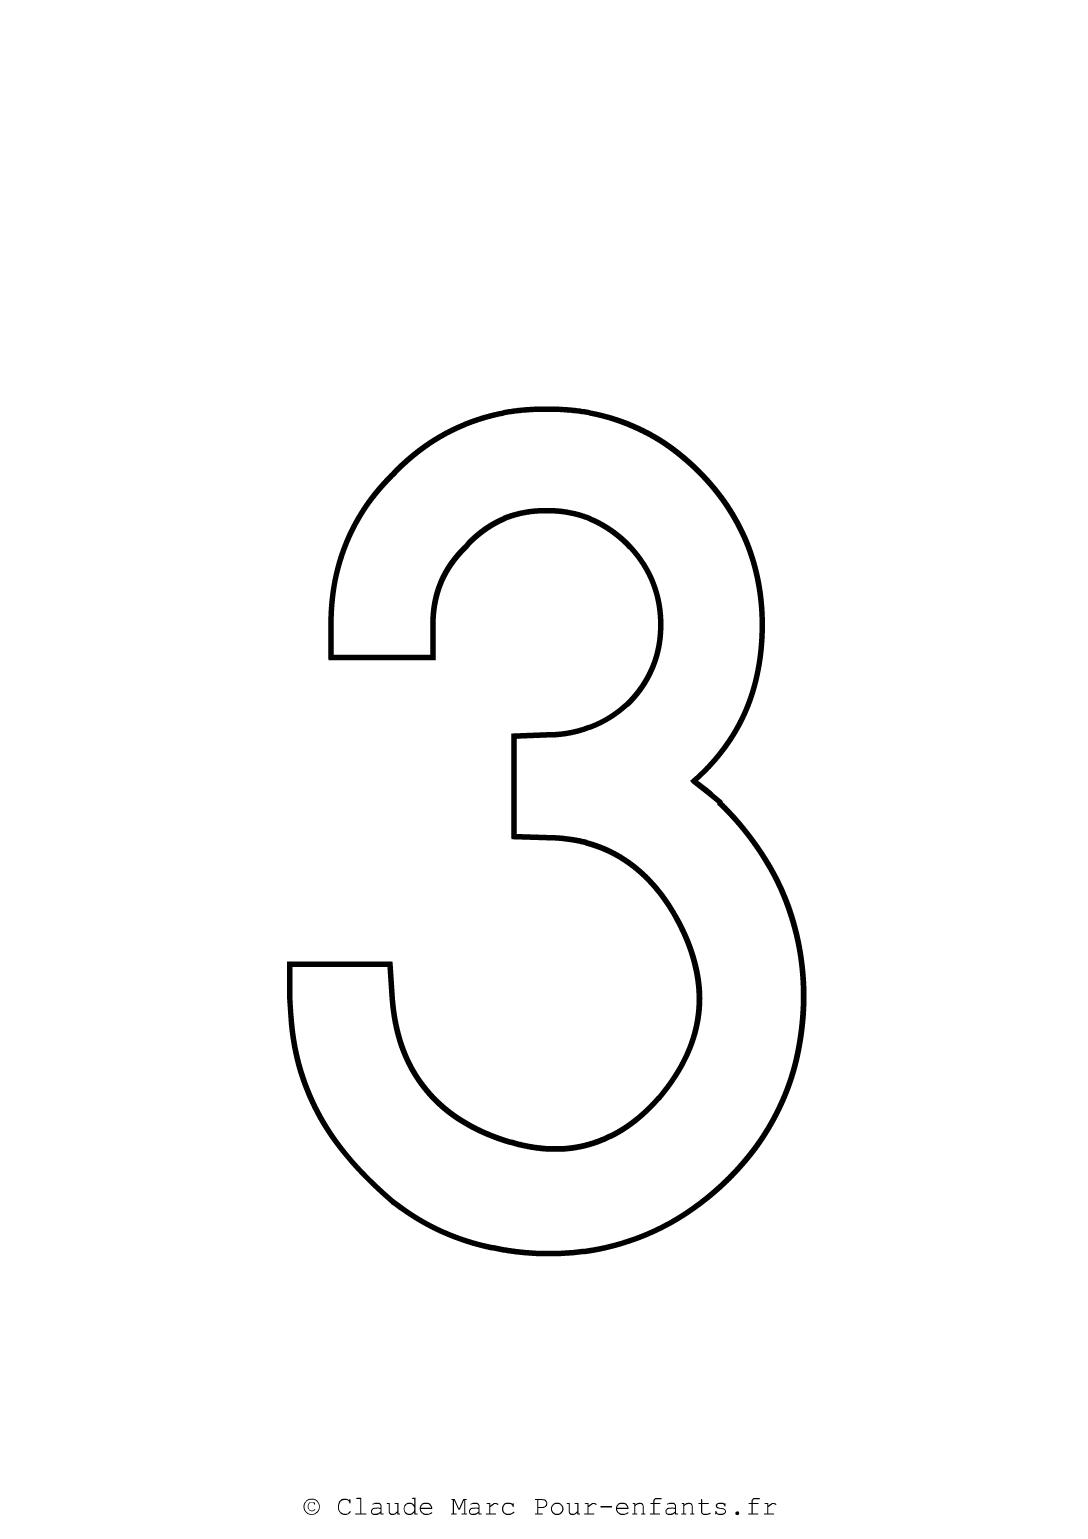 Imprimer grands chiffres en maternelle coloriage chiffre 3 trois cahier fiches d activites - Coloriage chiffres a imprimer ...